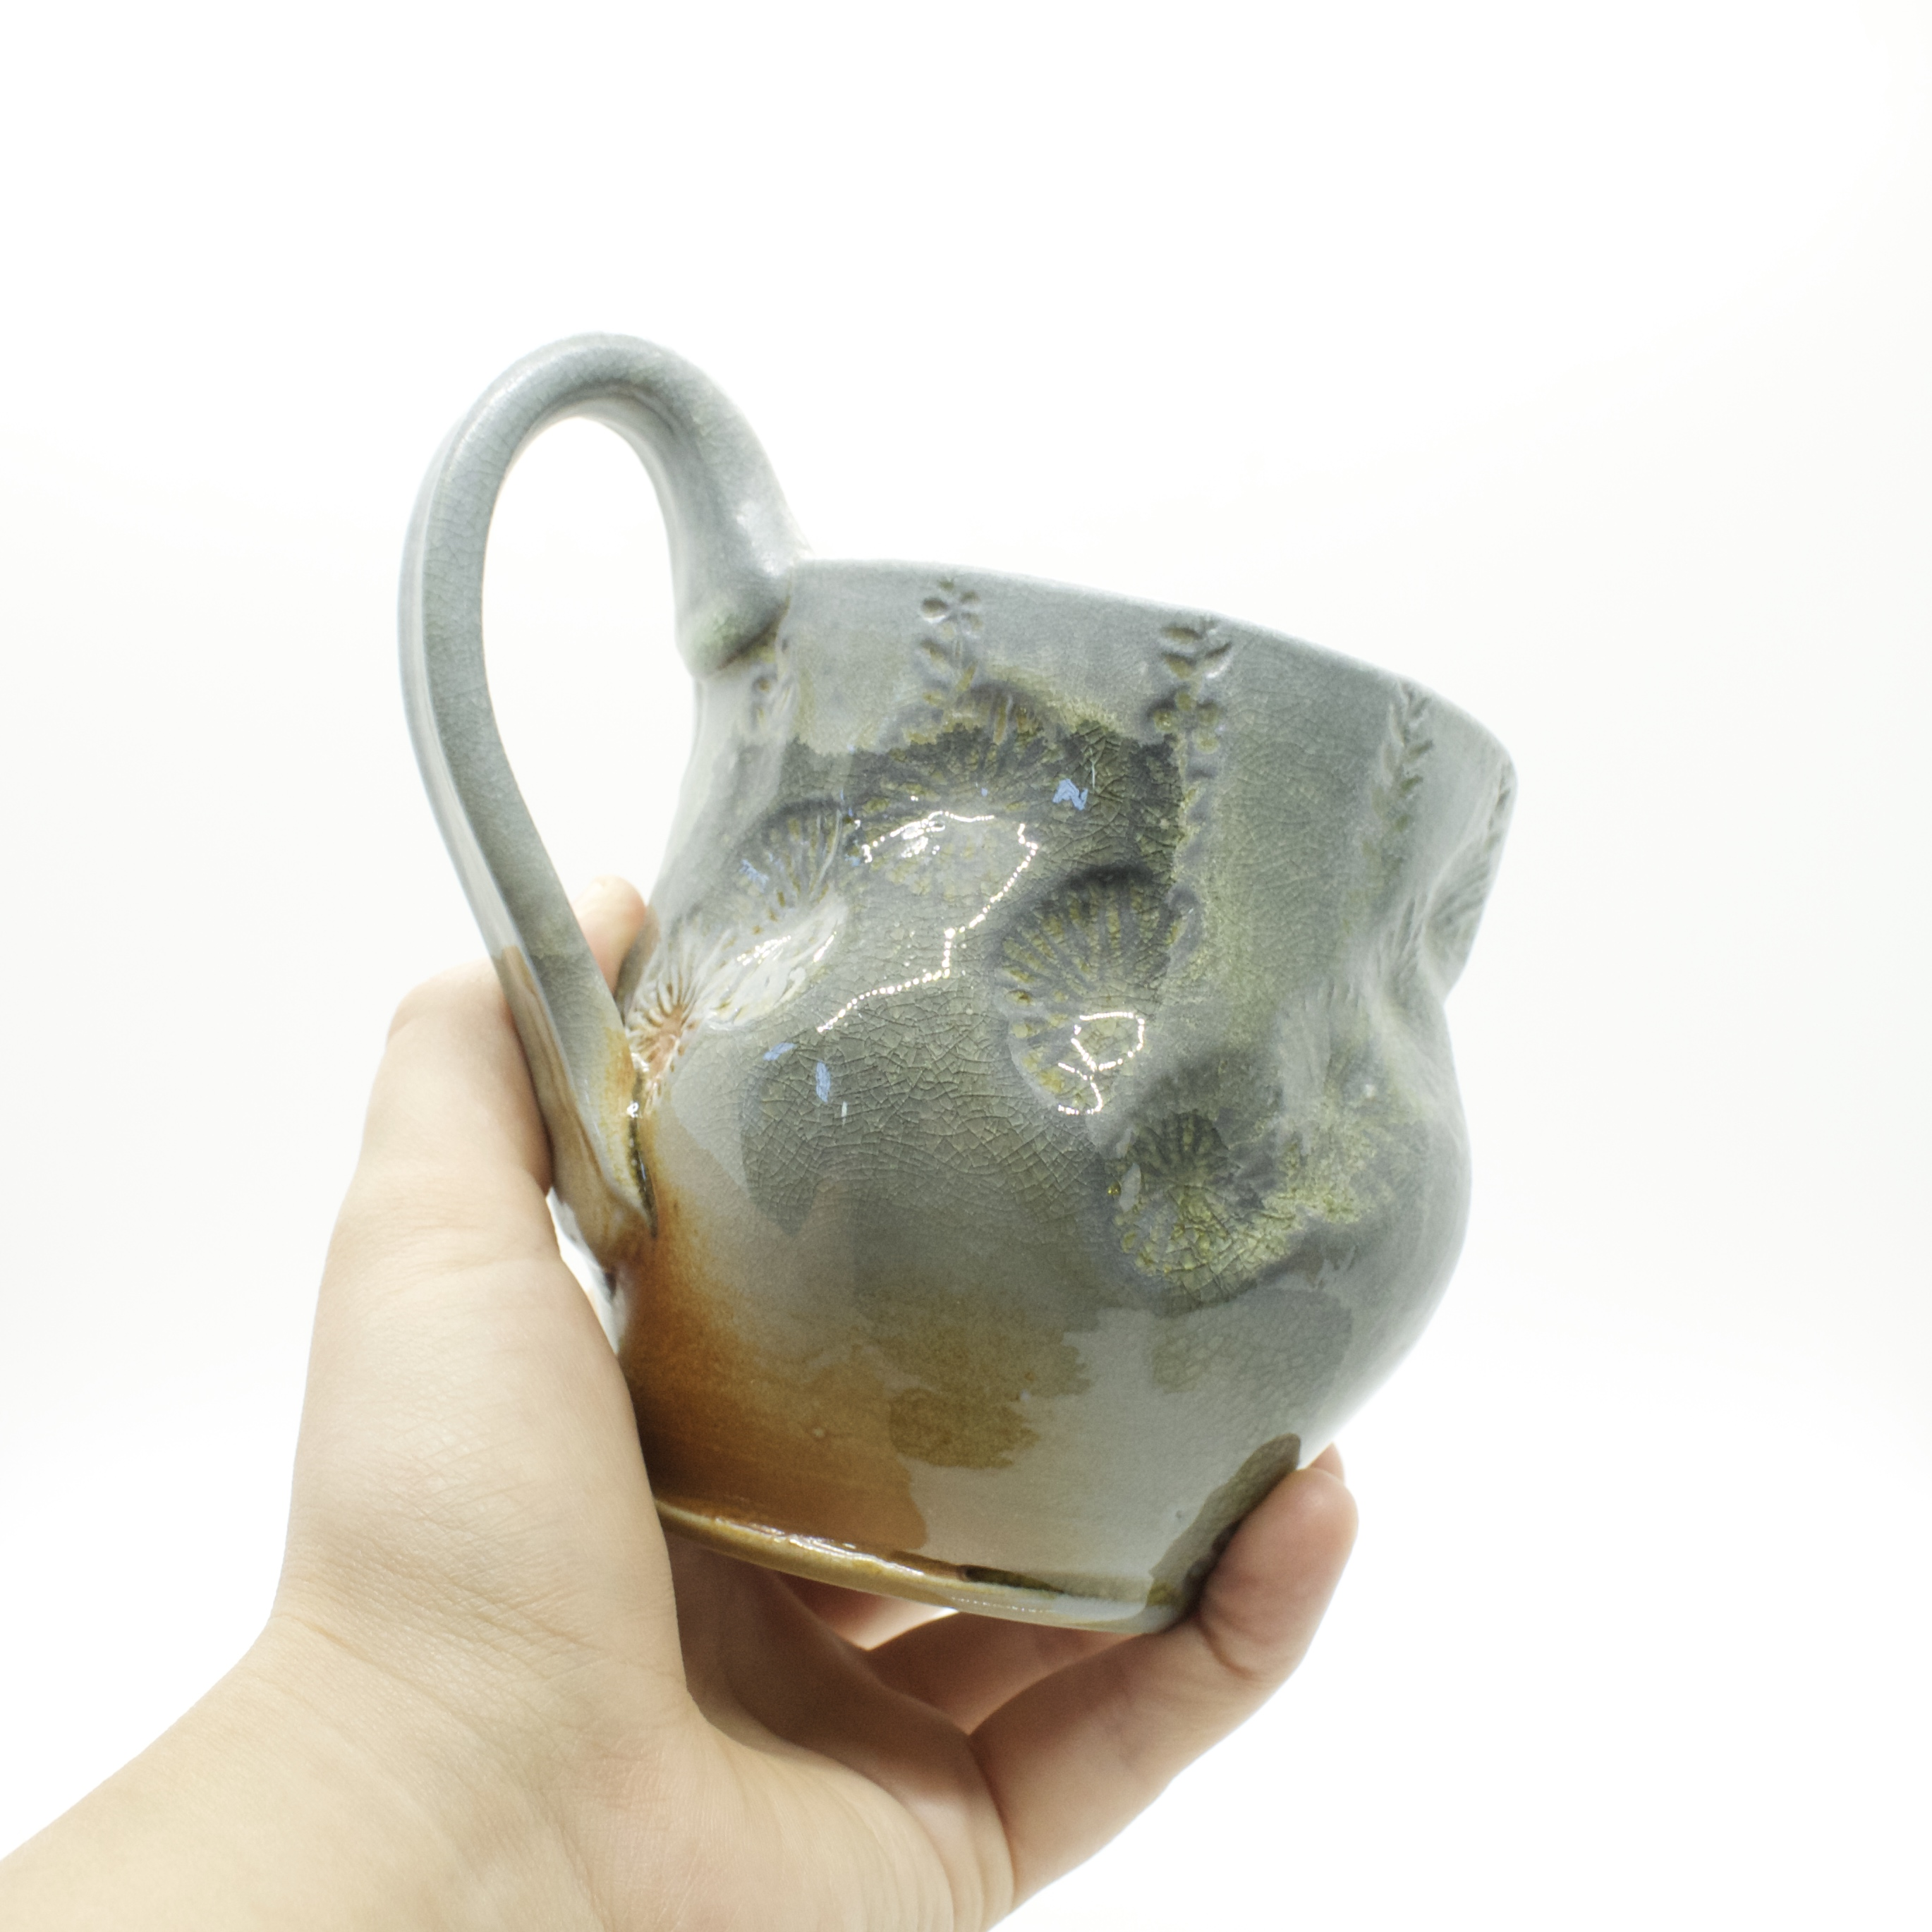 Wood fired mug, 2018